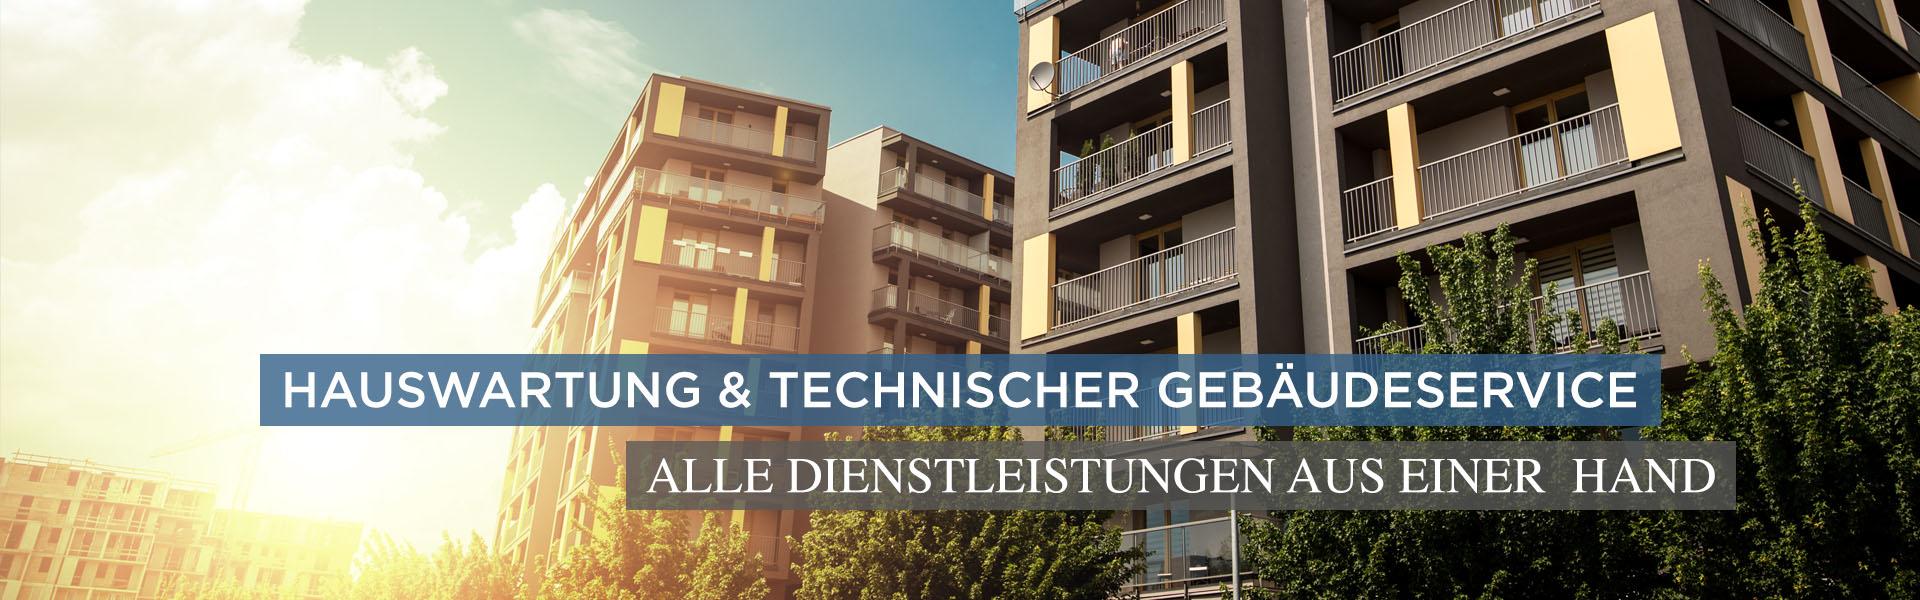 hausservice-eggert-berlin-slider-3